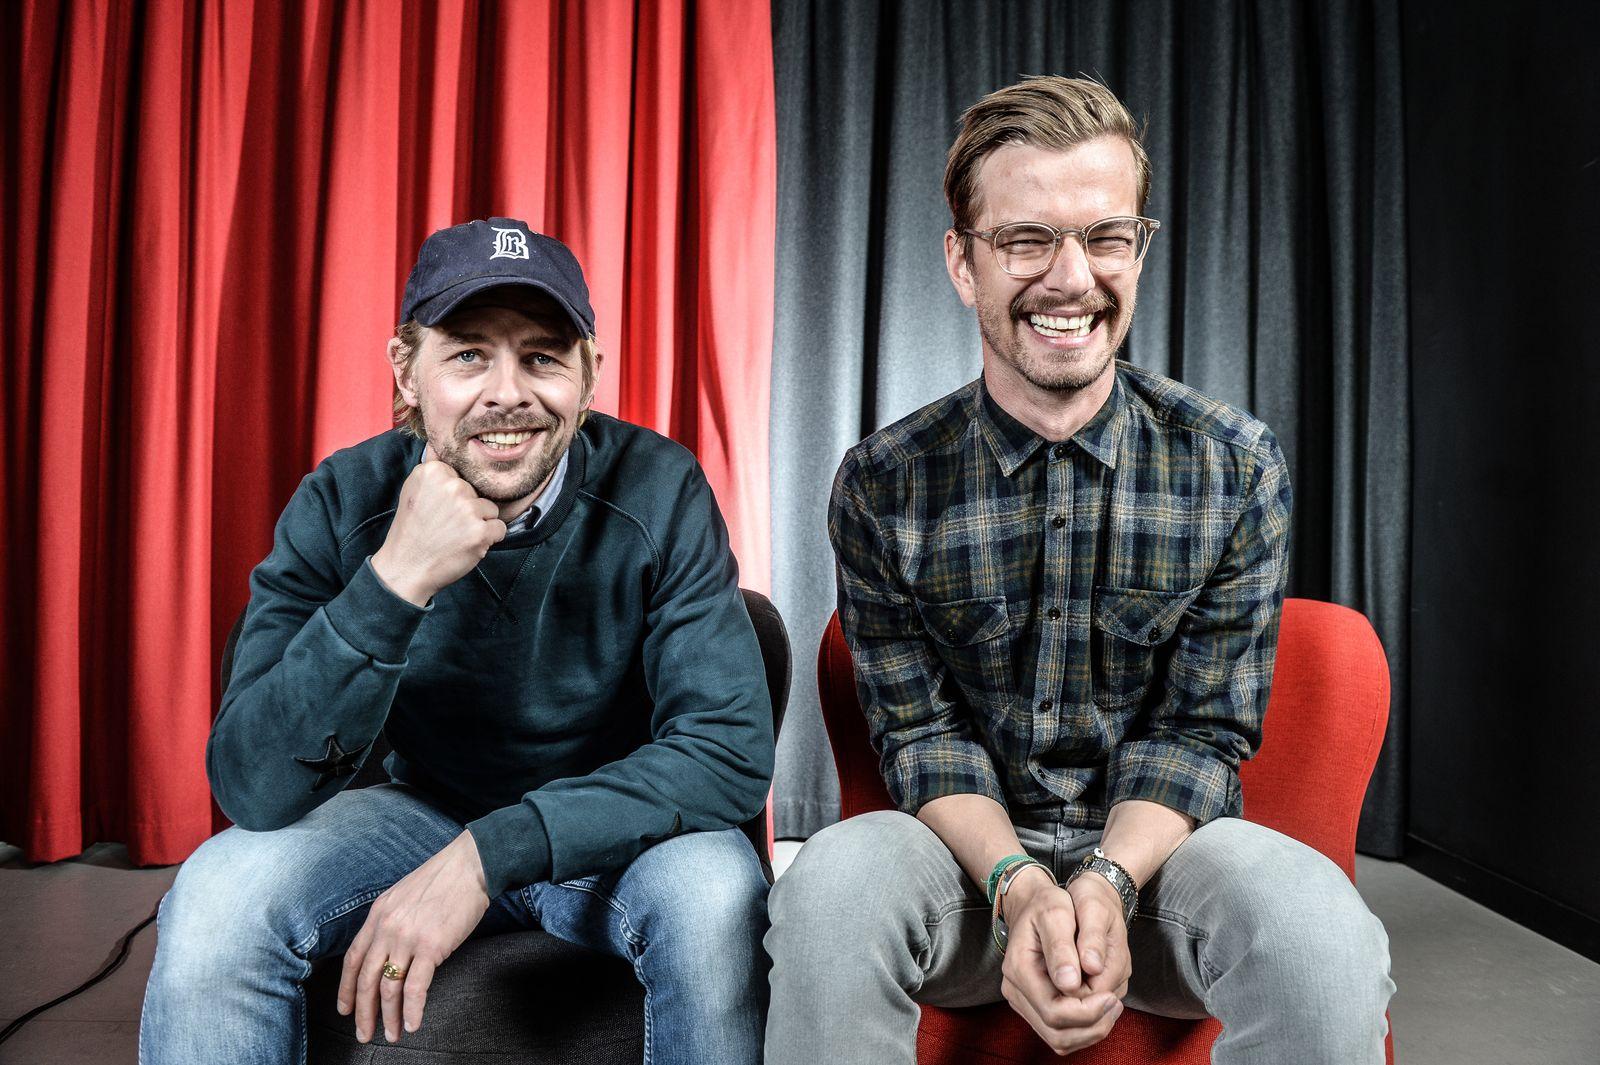 Joko und Klaas ( Joachim Winterscheid, Klaas Heufer Umlauf) zu Gast in der Funke Zentralredaktion